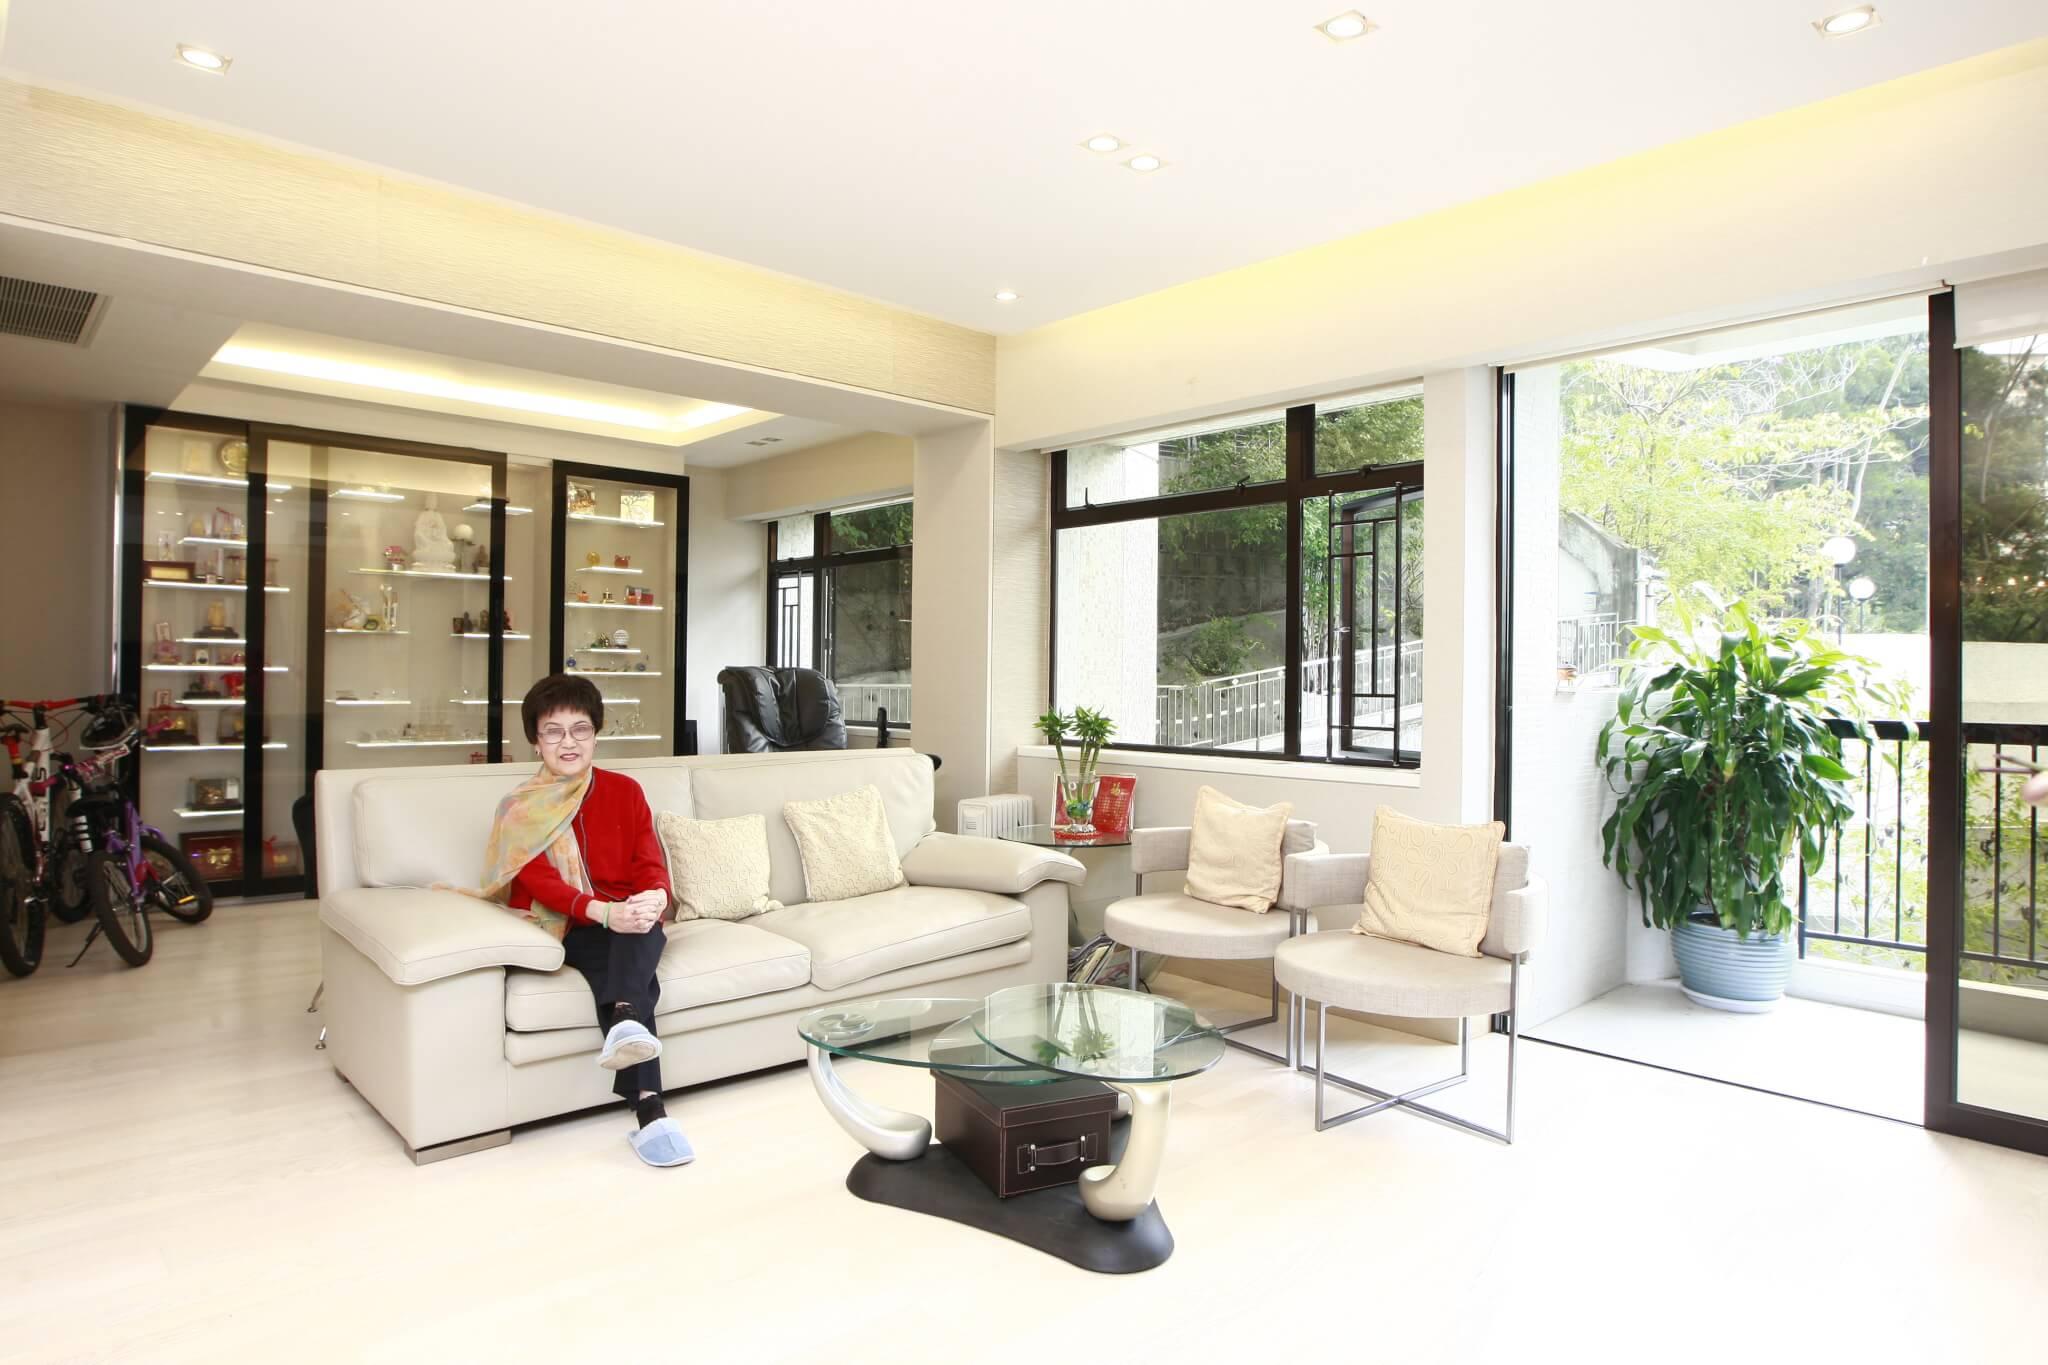 李香琴悠閒地坐在沙發上拍照,看過相片效果還笑說:「影到我間屋好像很大呢!」